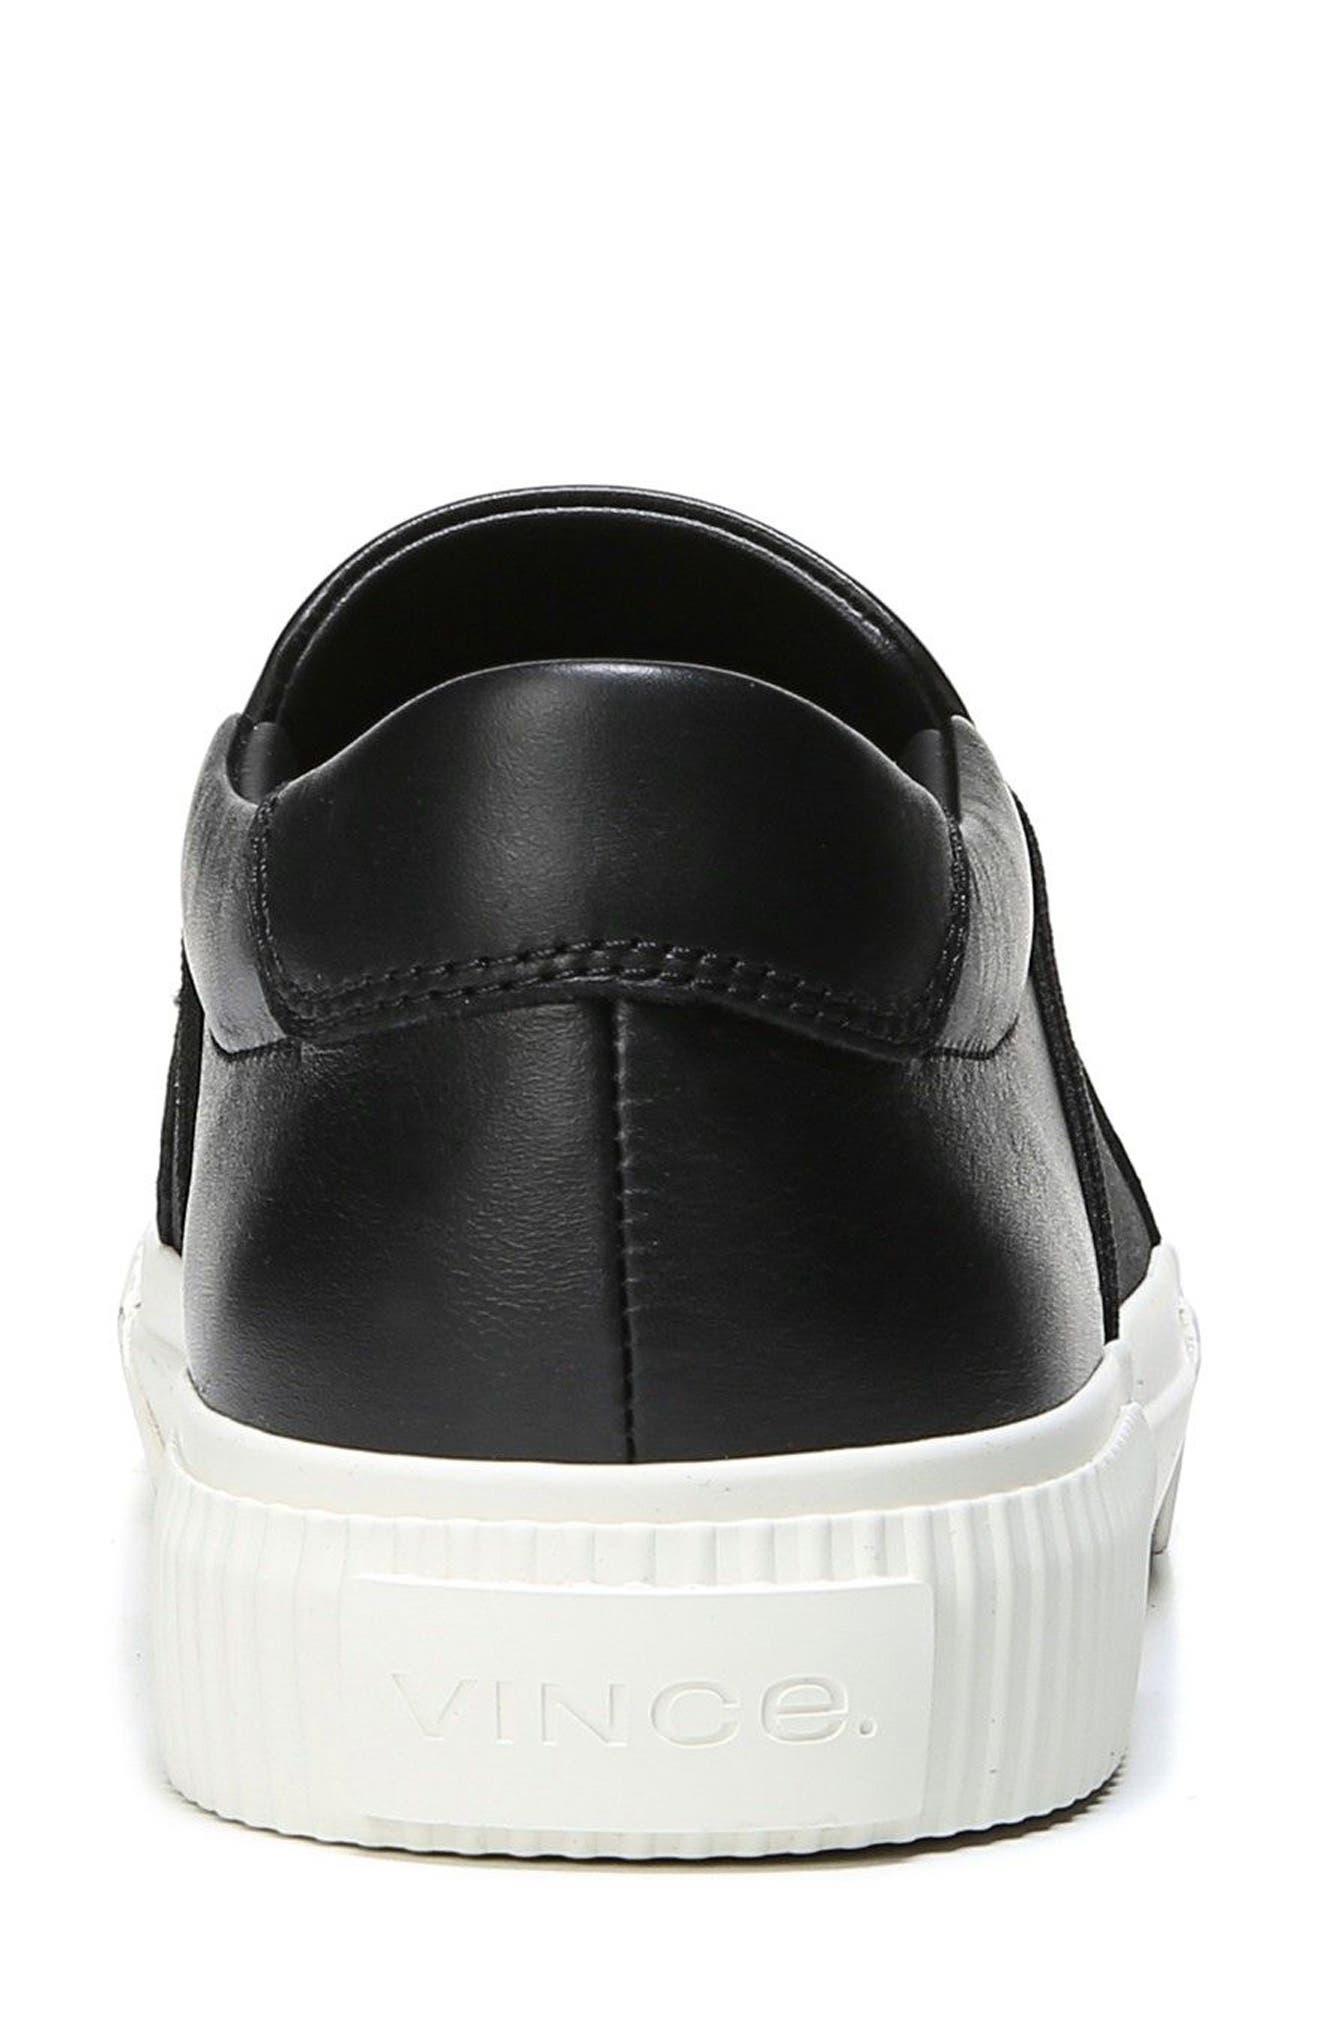 Knox Slip-On Sneaker,                             Alternate thumbnail 8, color,                             001